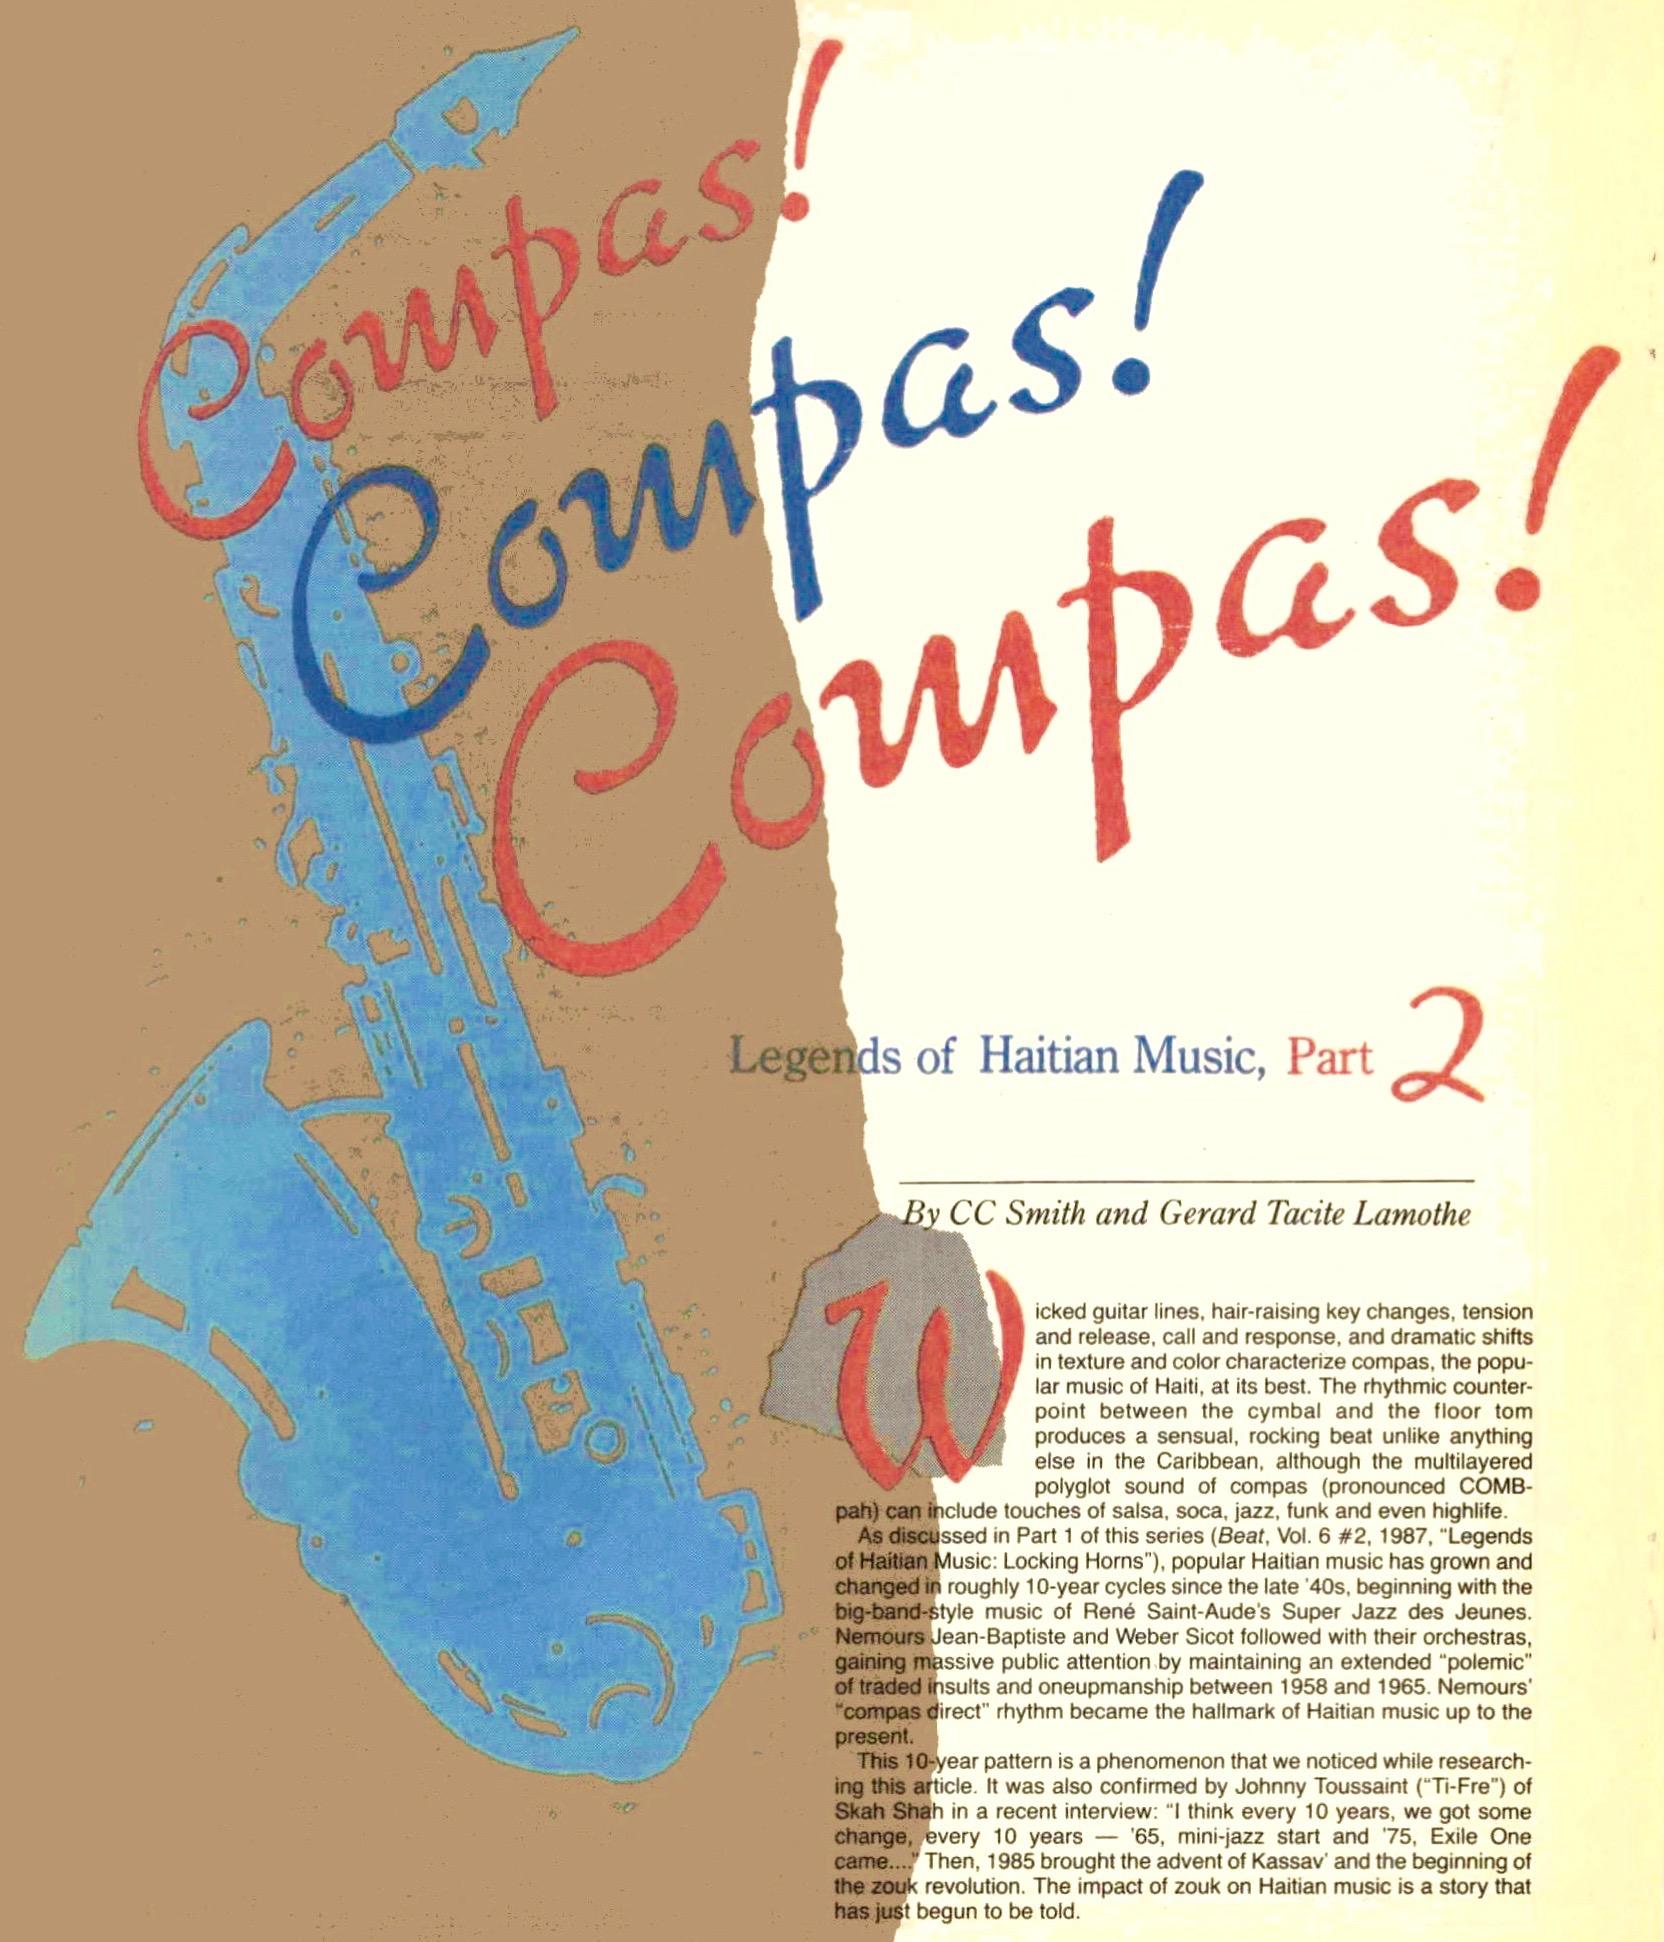 Best of The Beat on Afropop: Haiti 101, Part Two--Compas! Compas! Compas!